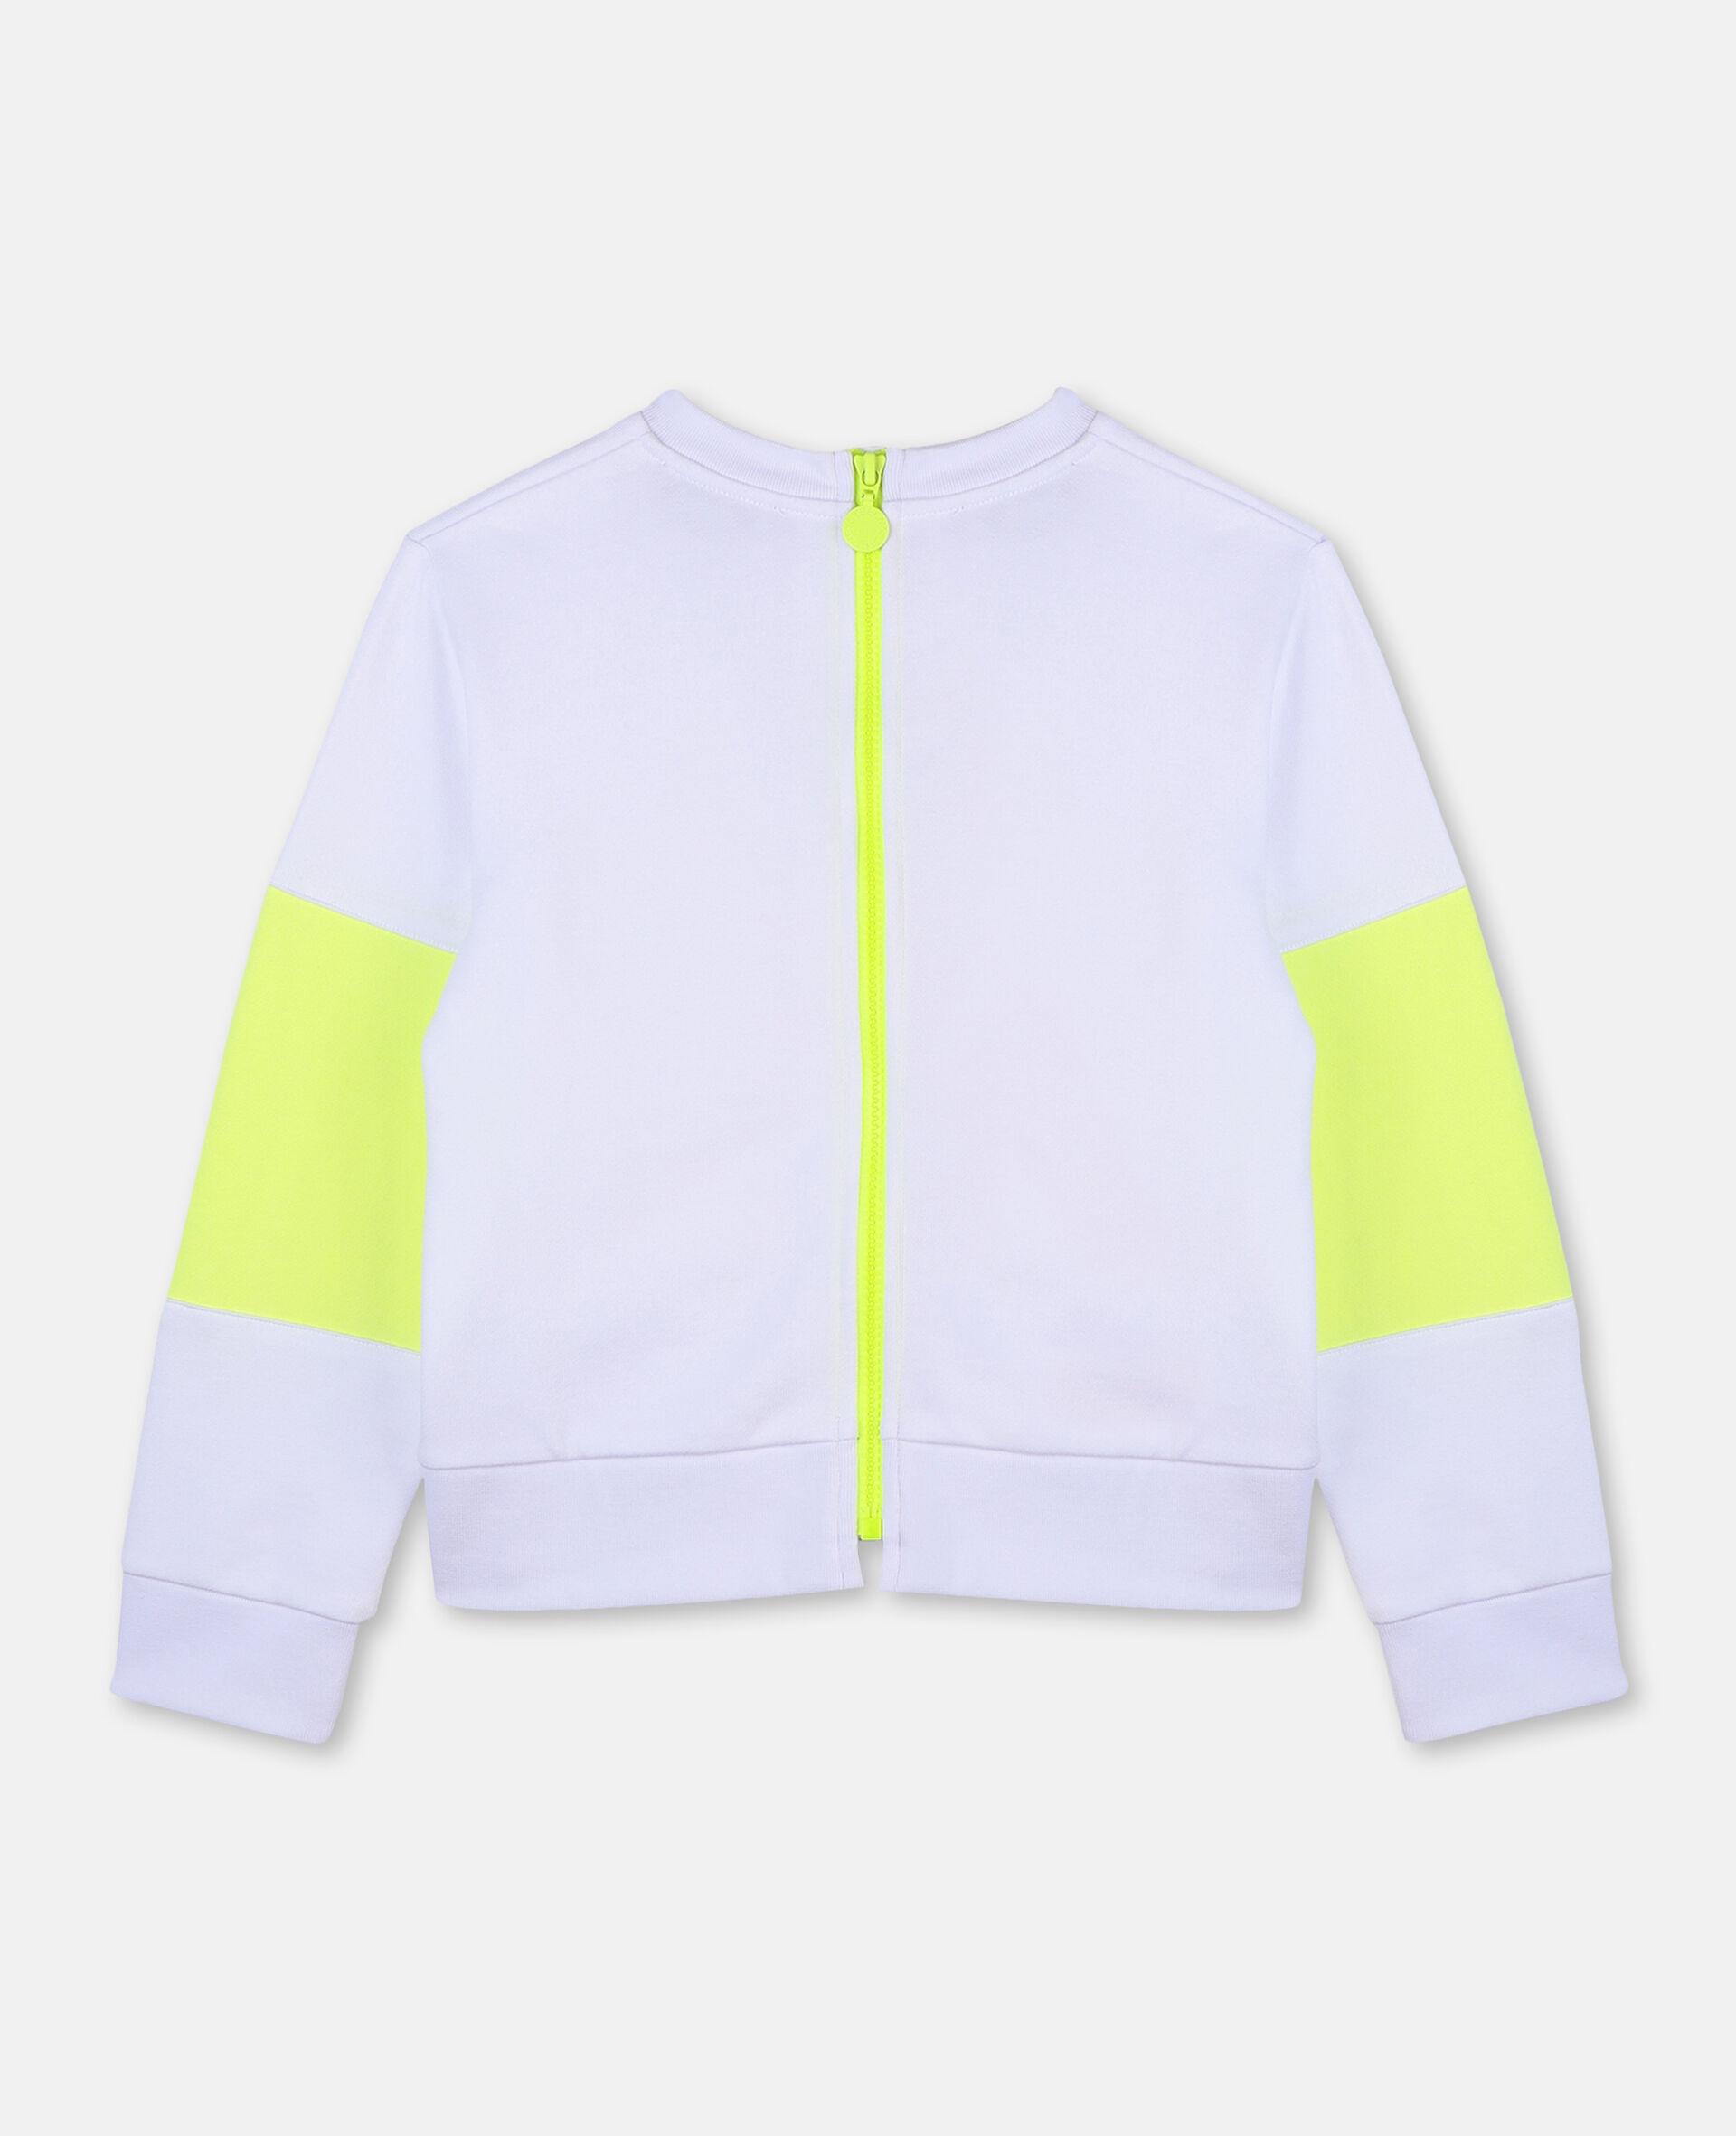 Sportliches Baumwollfleece-Sweatshirt mit Logo-Weiß-large image number 3